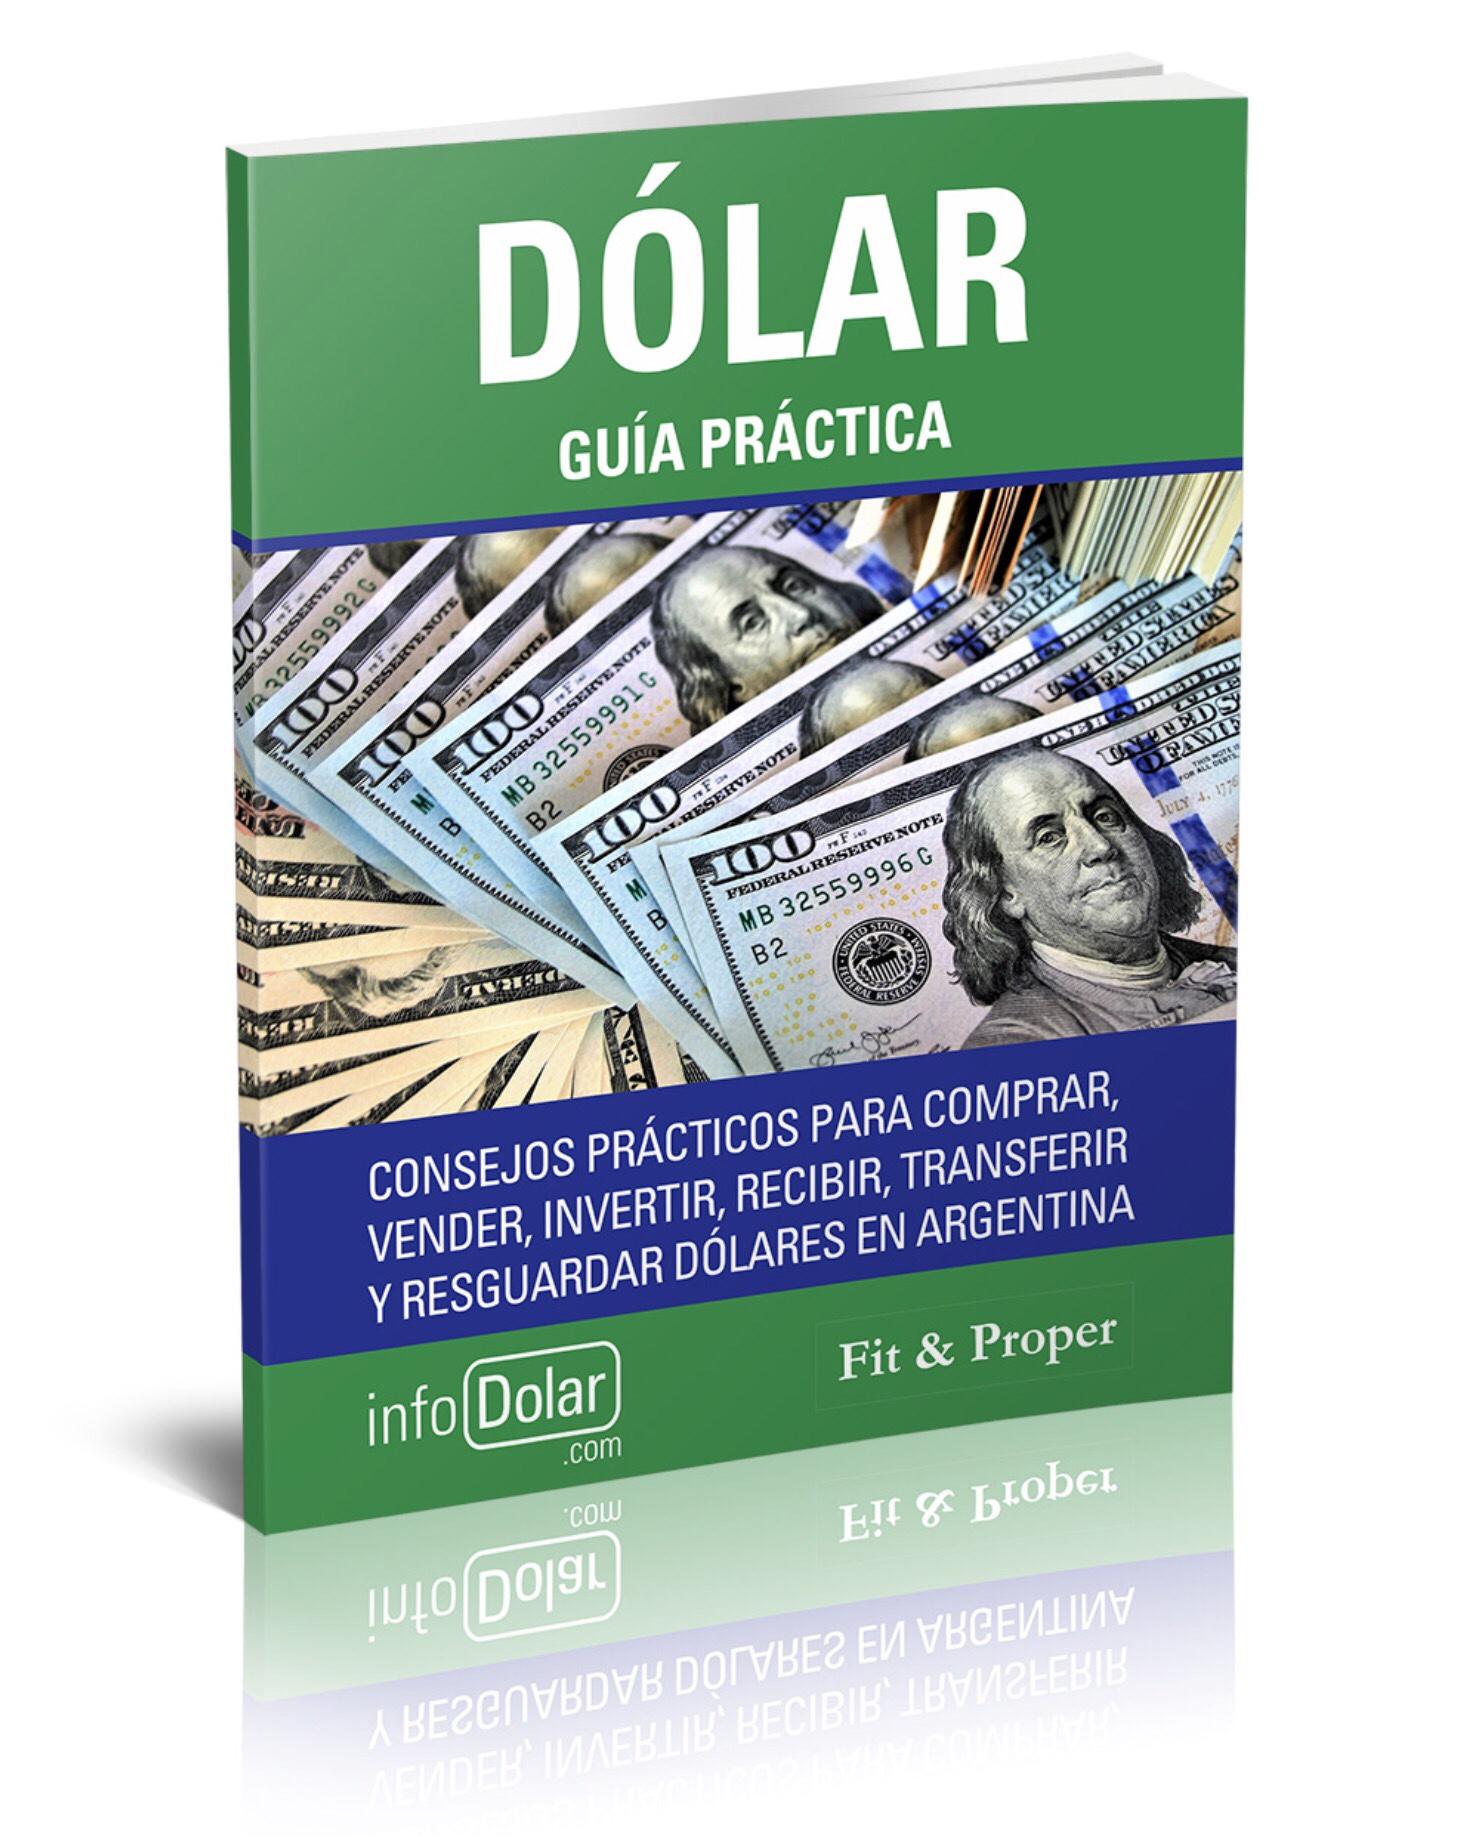 E-book DÓLAR guía práctica del dólar en Argentina